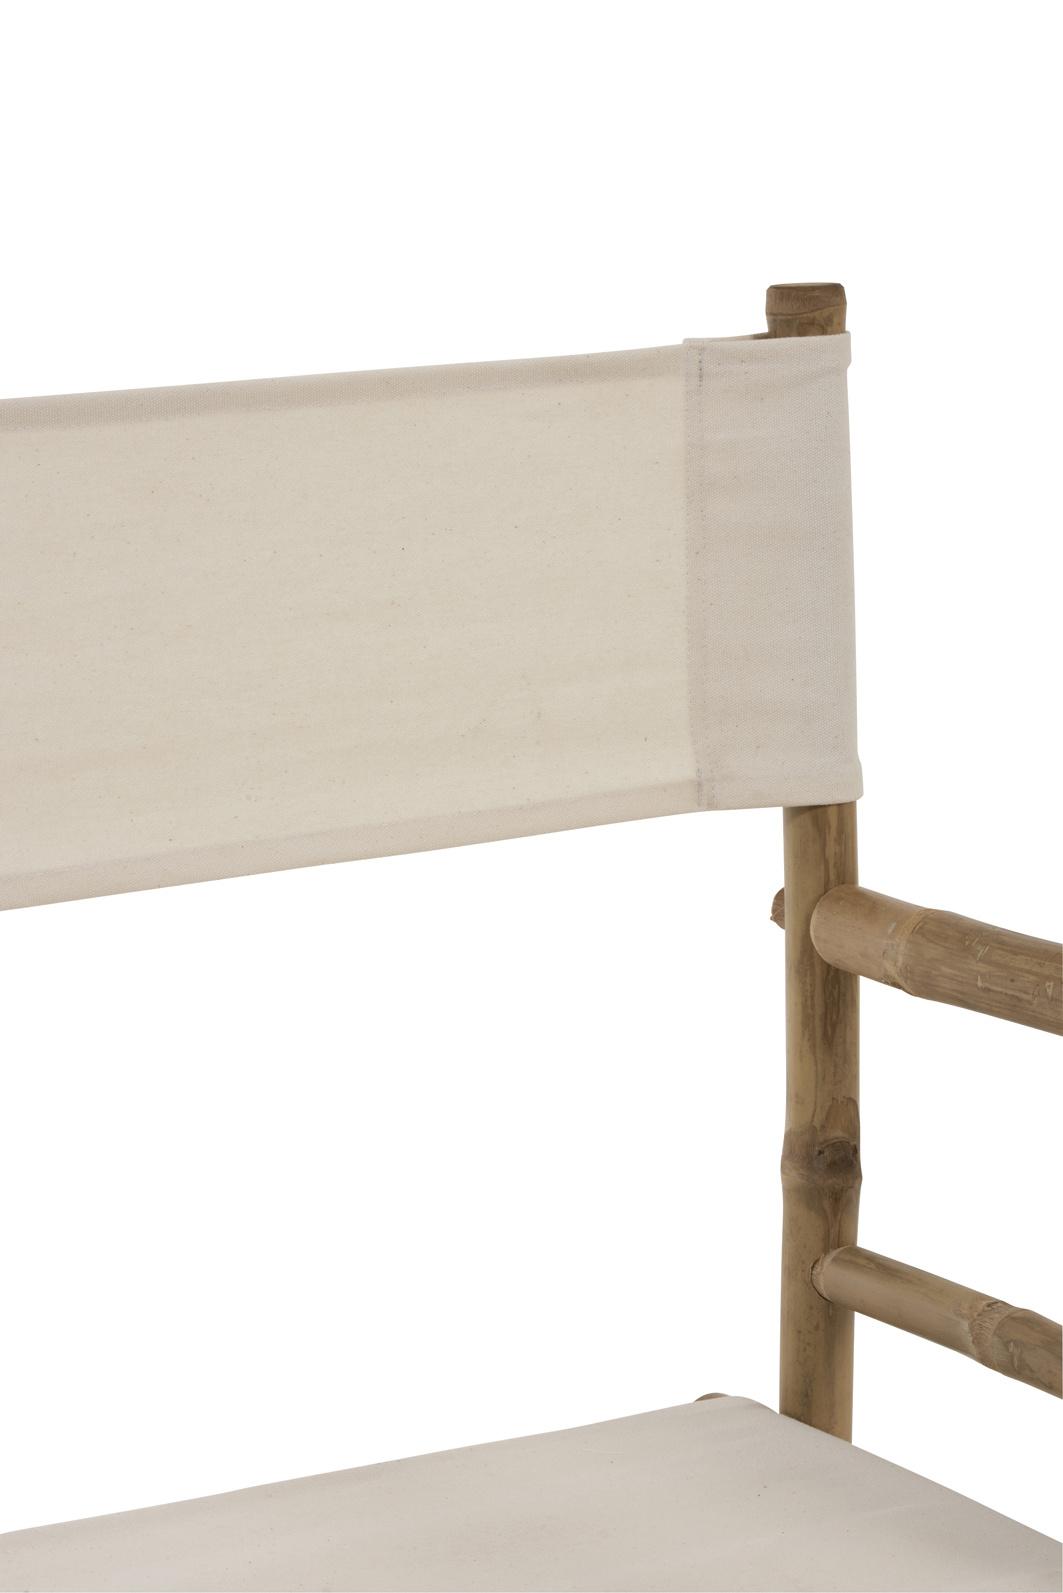 Duverger Nature cinema - Regisseur stoel - bamboe - nature - ecru textiel zit - plooibaar